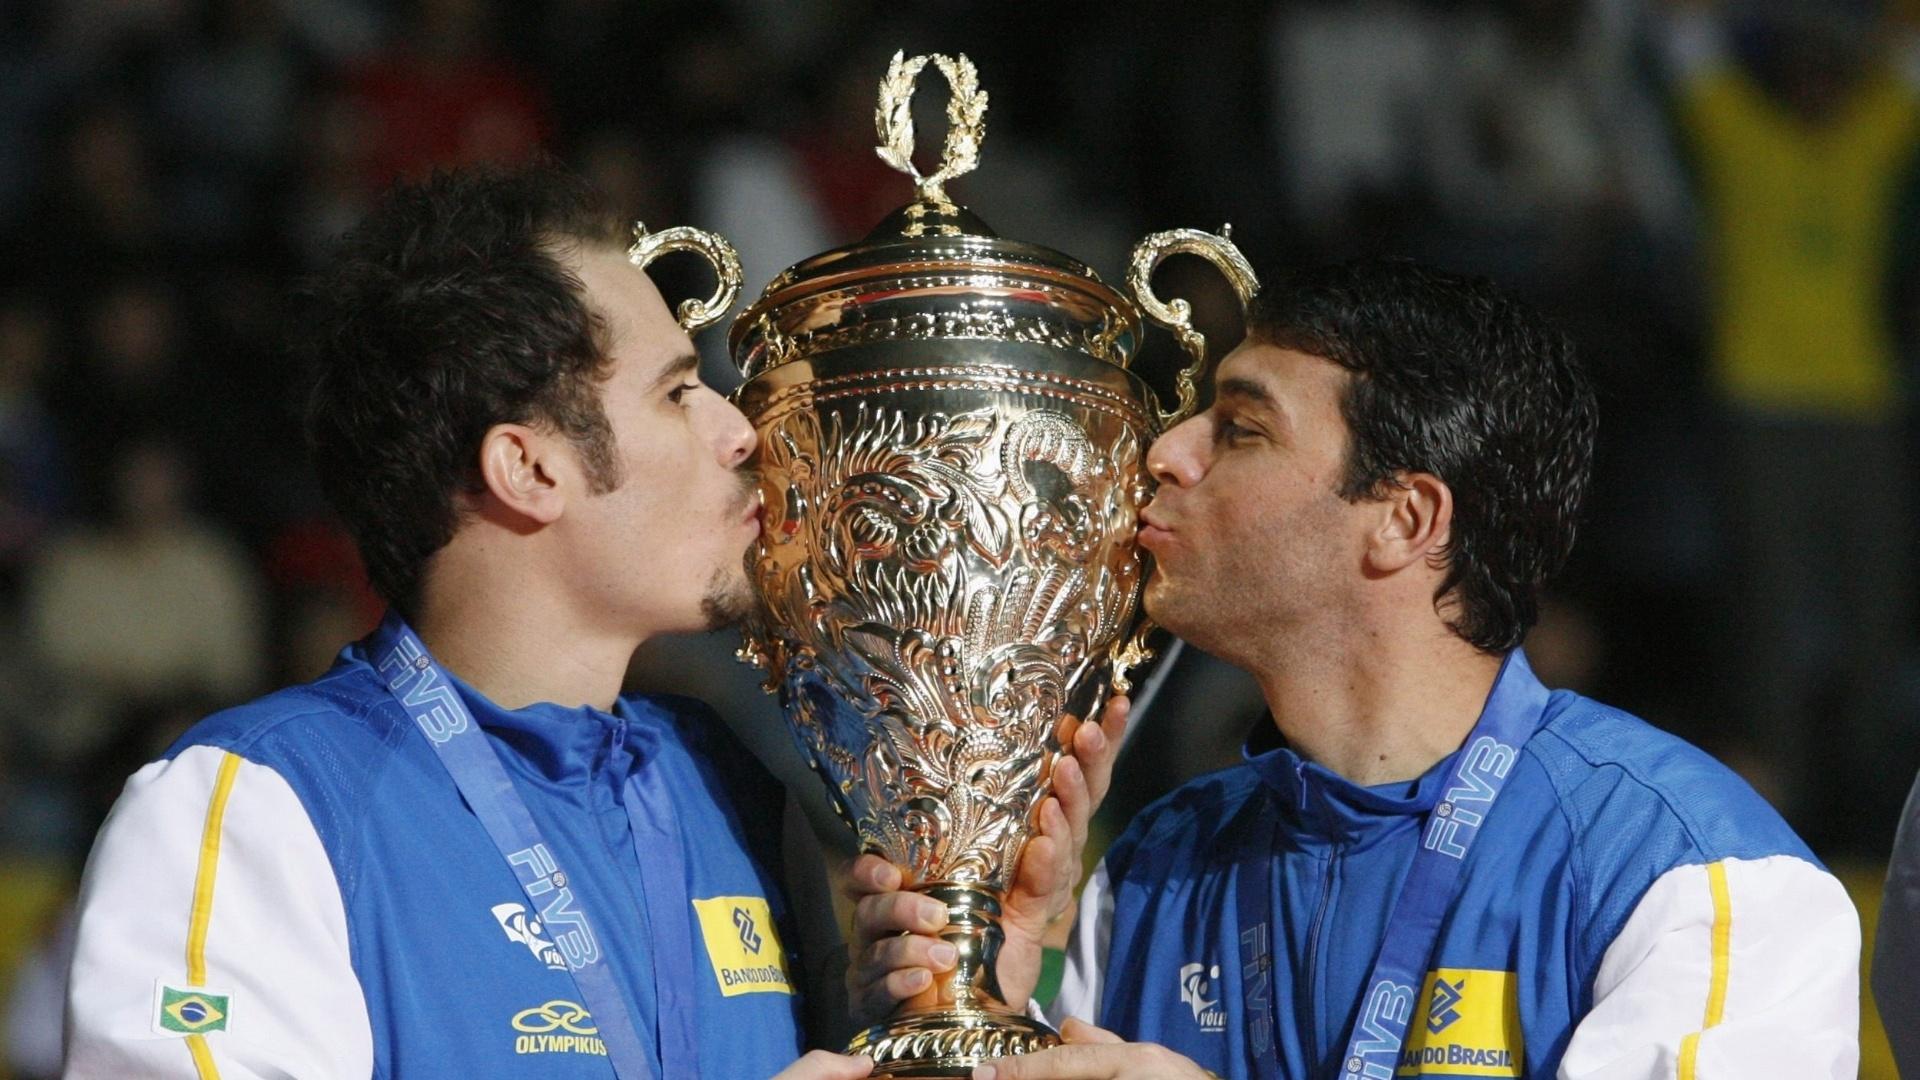 Marcelinho e Ricardinho com o troféu do Campeonato Mundial de 2006